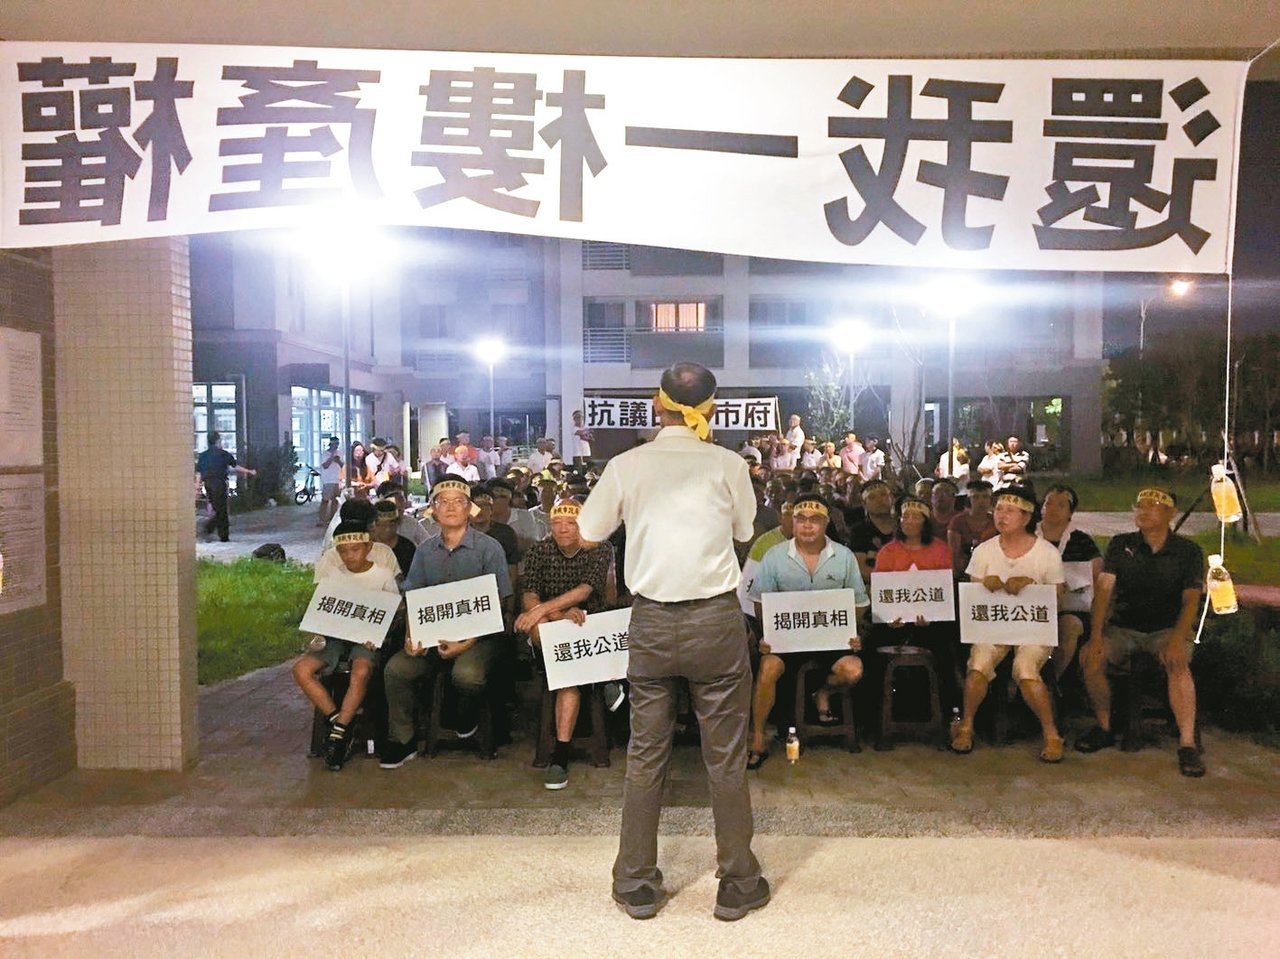 「文林家園」進駐洲美專案宅,居民昨晚舉行抗爭「爭產權」,要求市府歸還1樓產權。 ...